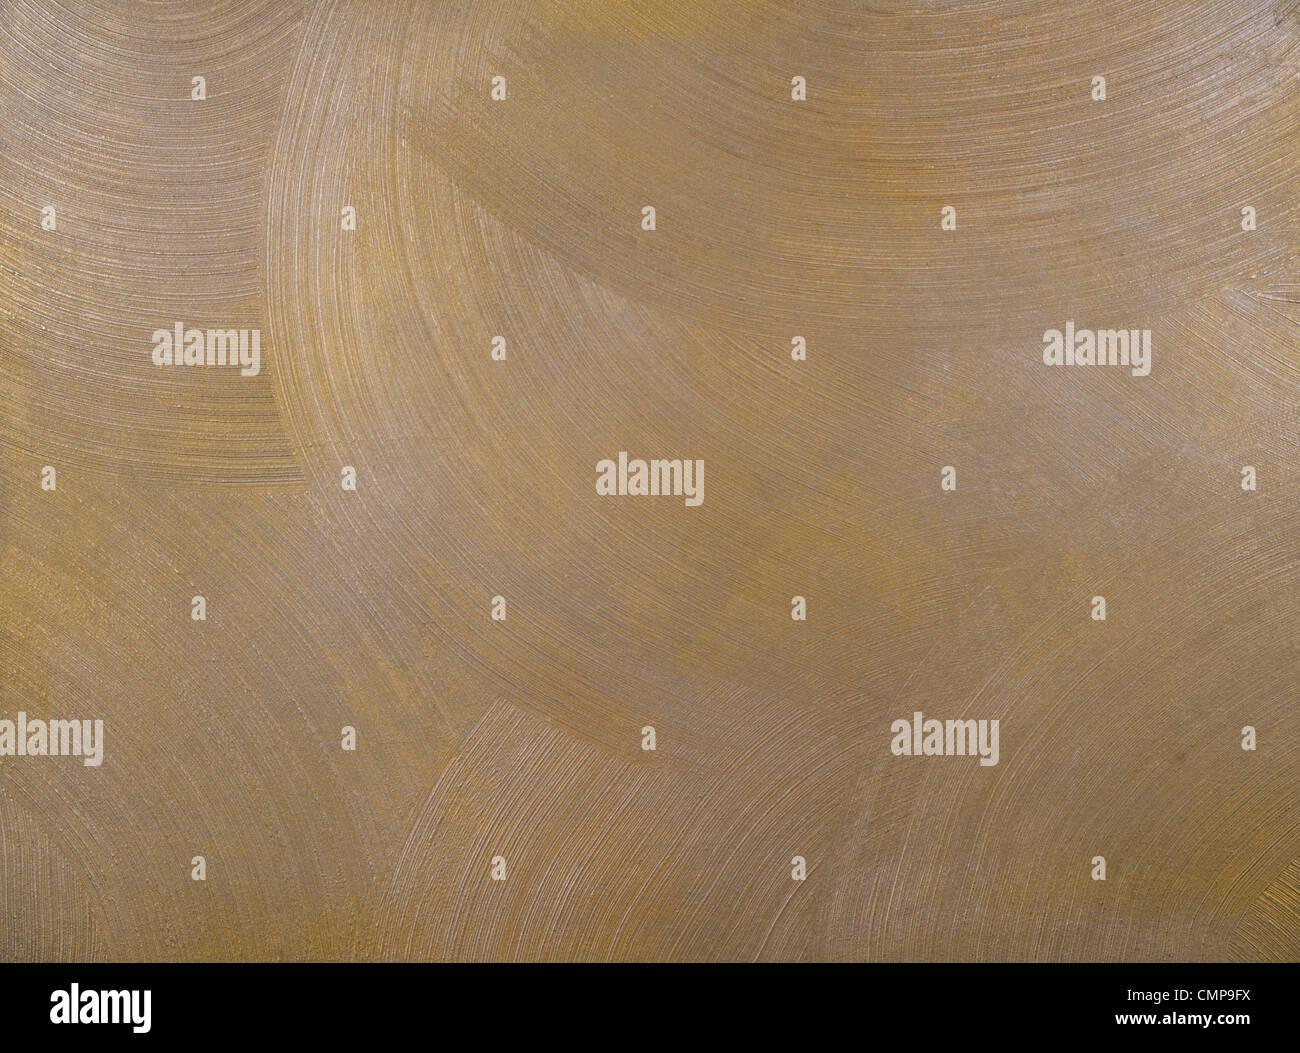 La textura de un muro de cemento cubierto con pintura metalizada, con frecuentes, redondo, céntrico trazos. Imagen De Stock